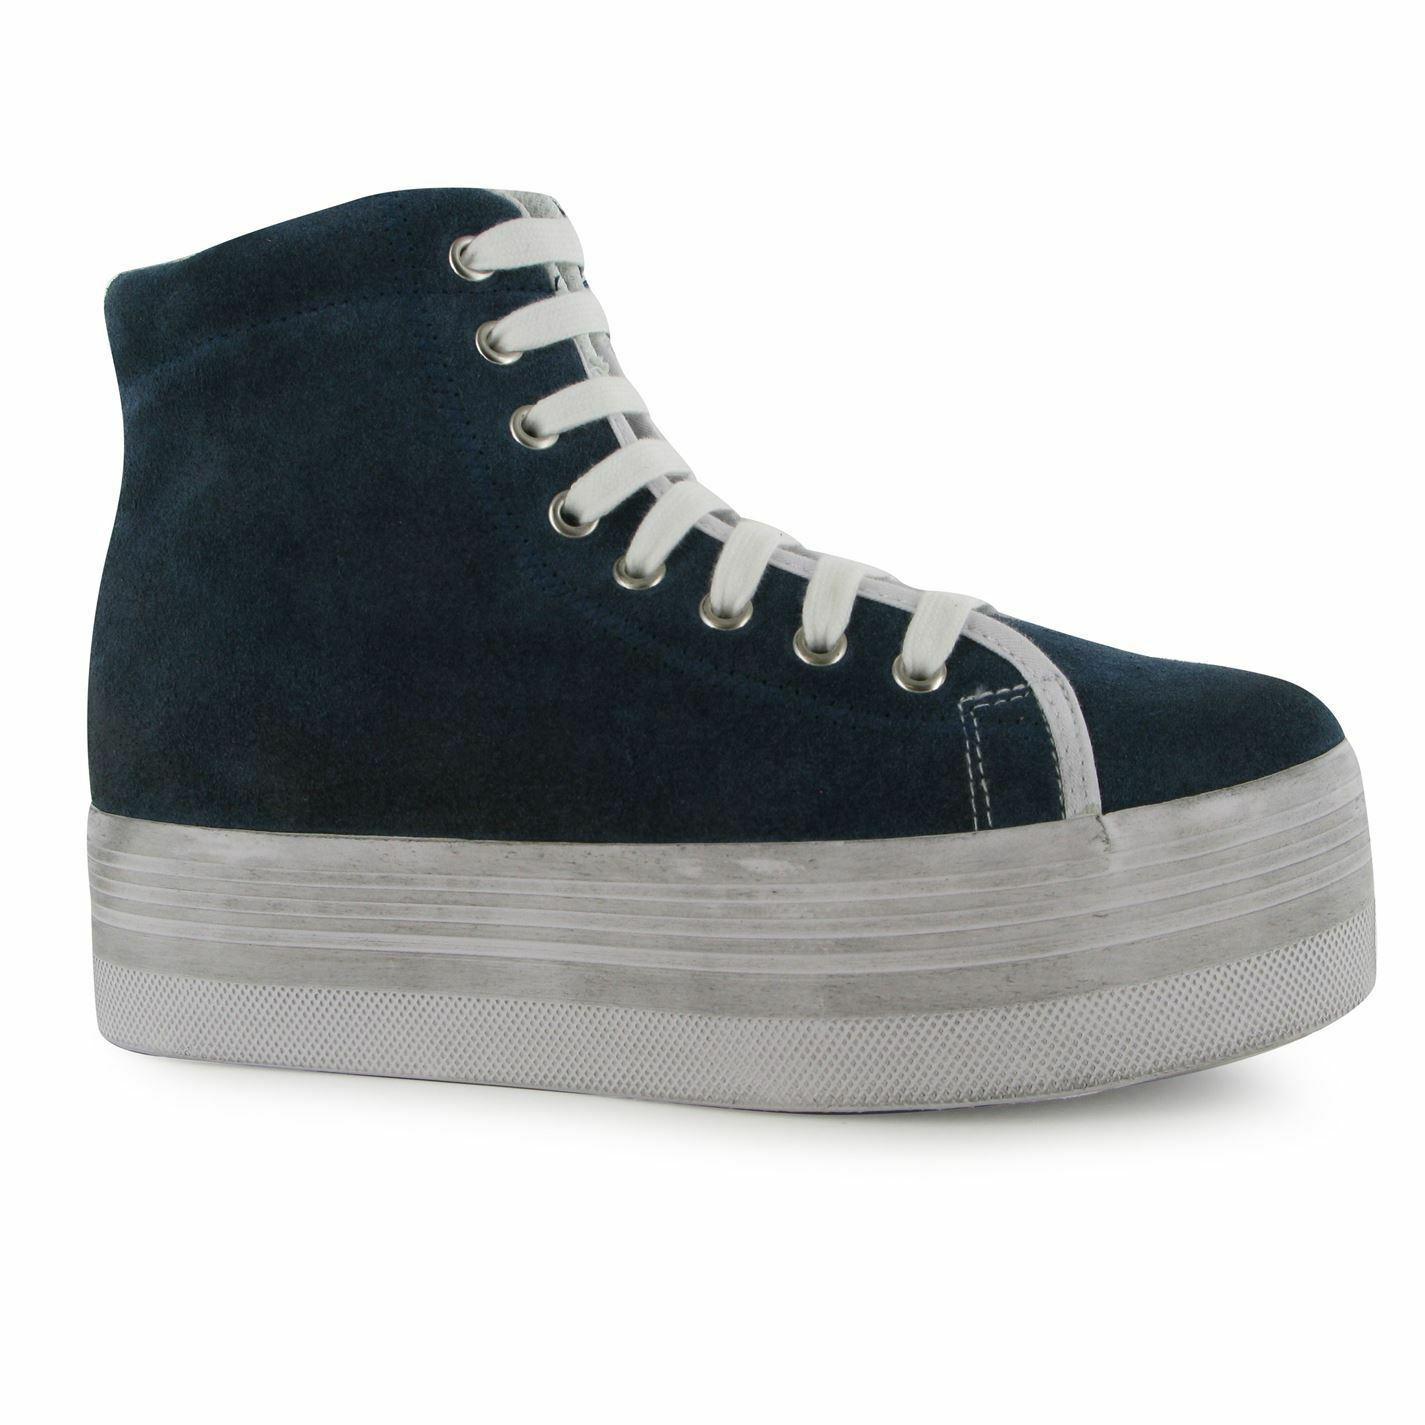 Jeffrey Campbell hOMG Hi Tops Platform Schuhes Damenschuhe Navy/WEISS Trainers Sneakers